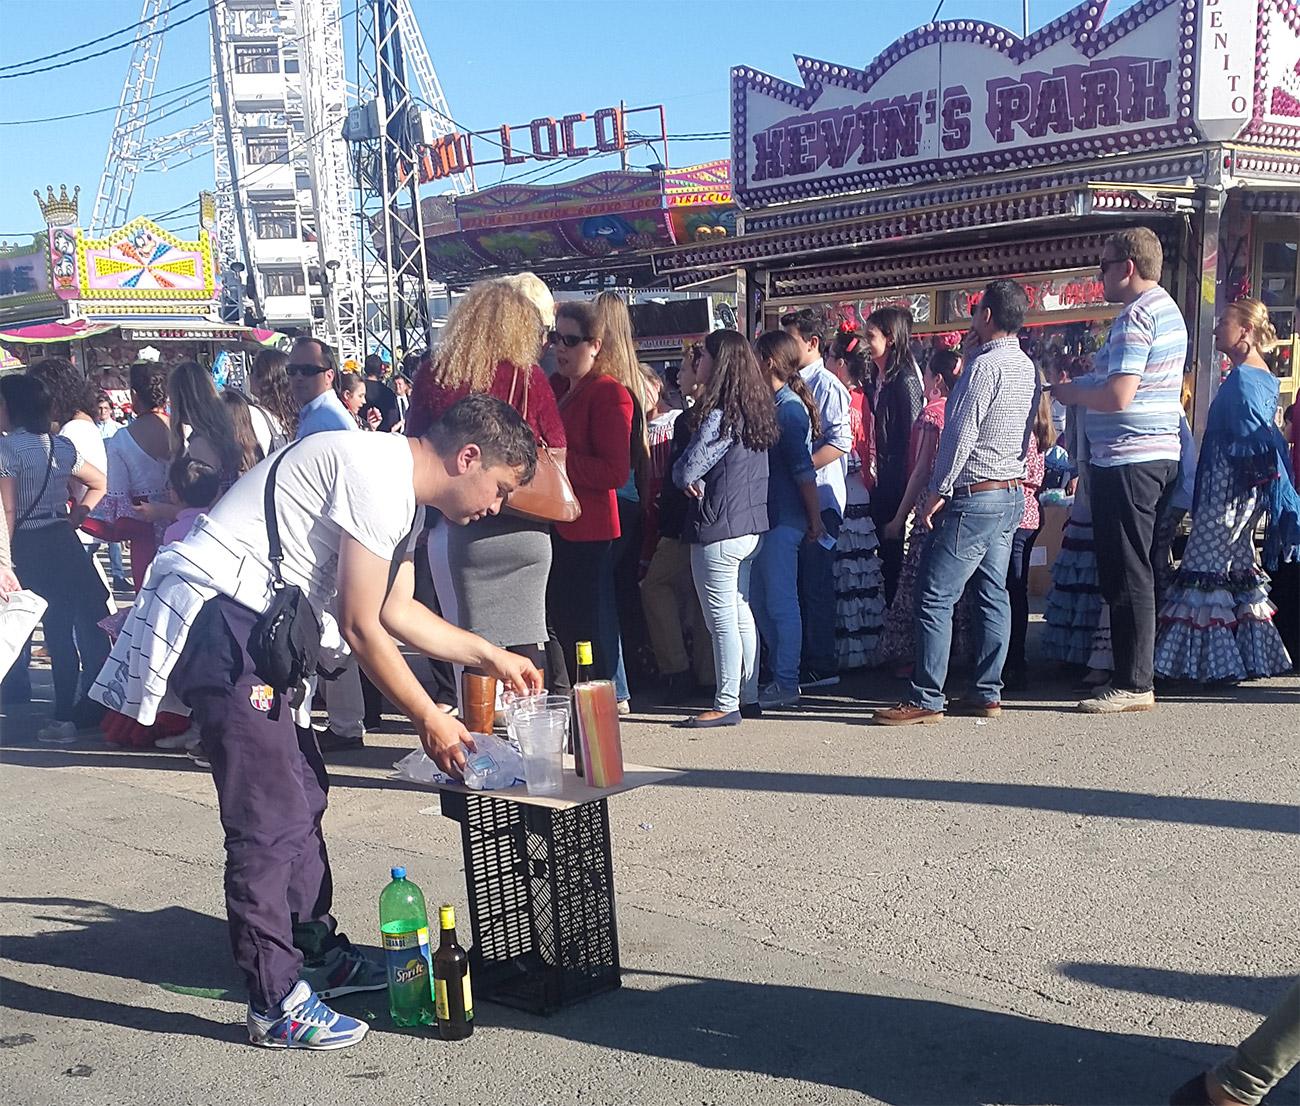 FACUA Sevilla denuncia una plaga de tenderetes ilegales en la Feria que venden tabaco y alcohol a menores